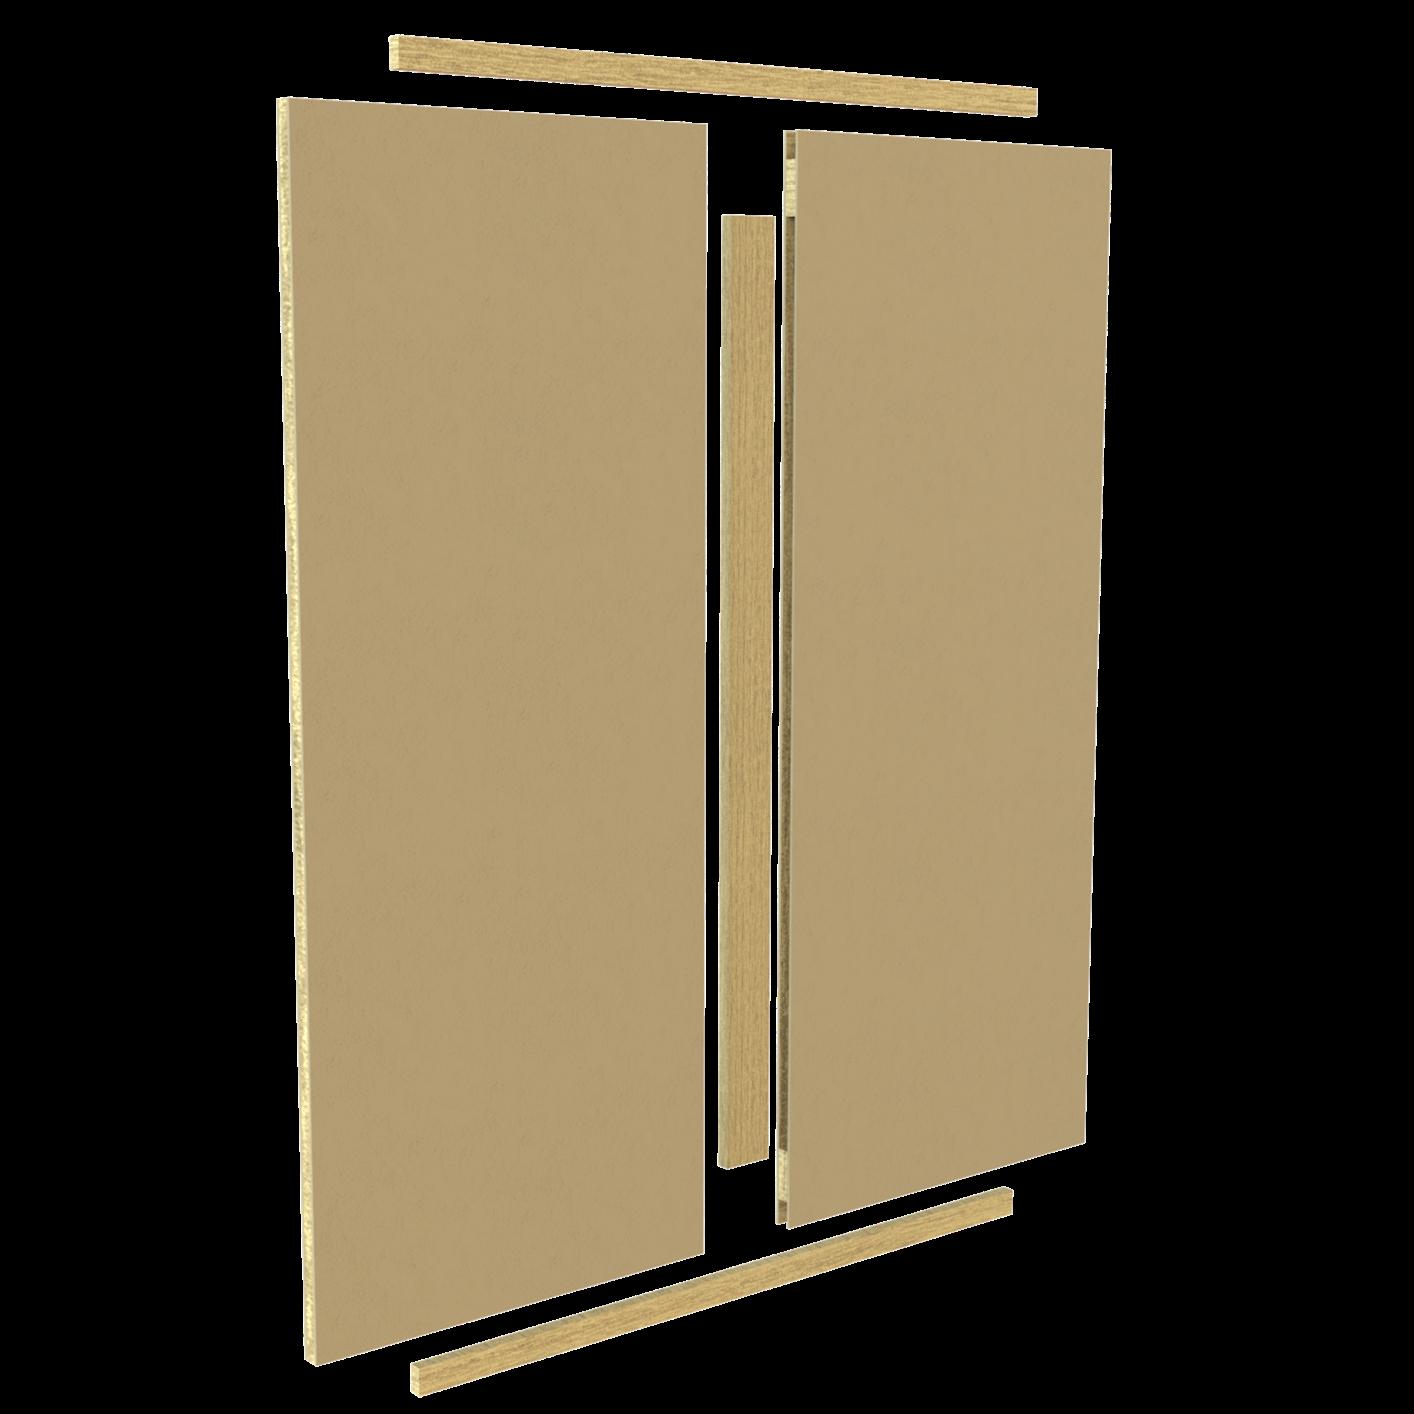 Kitform Door System